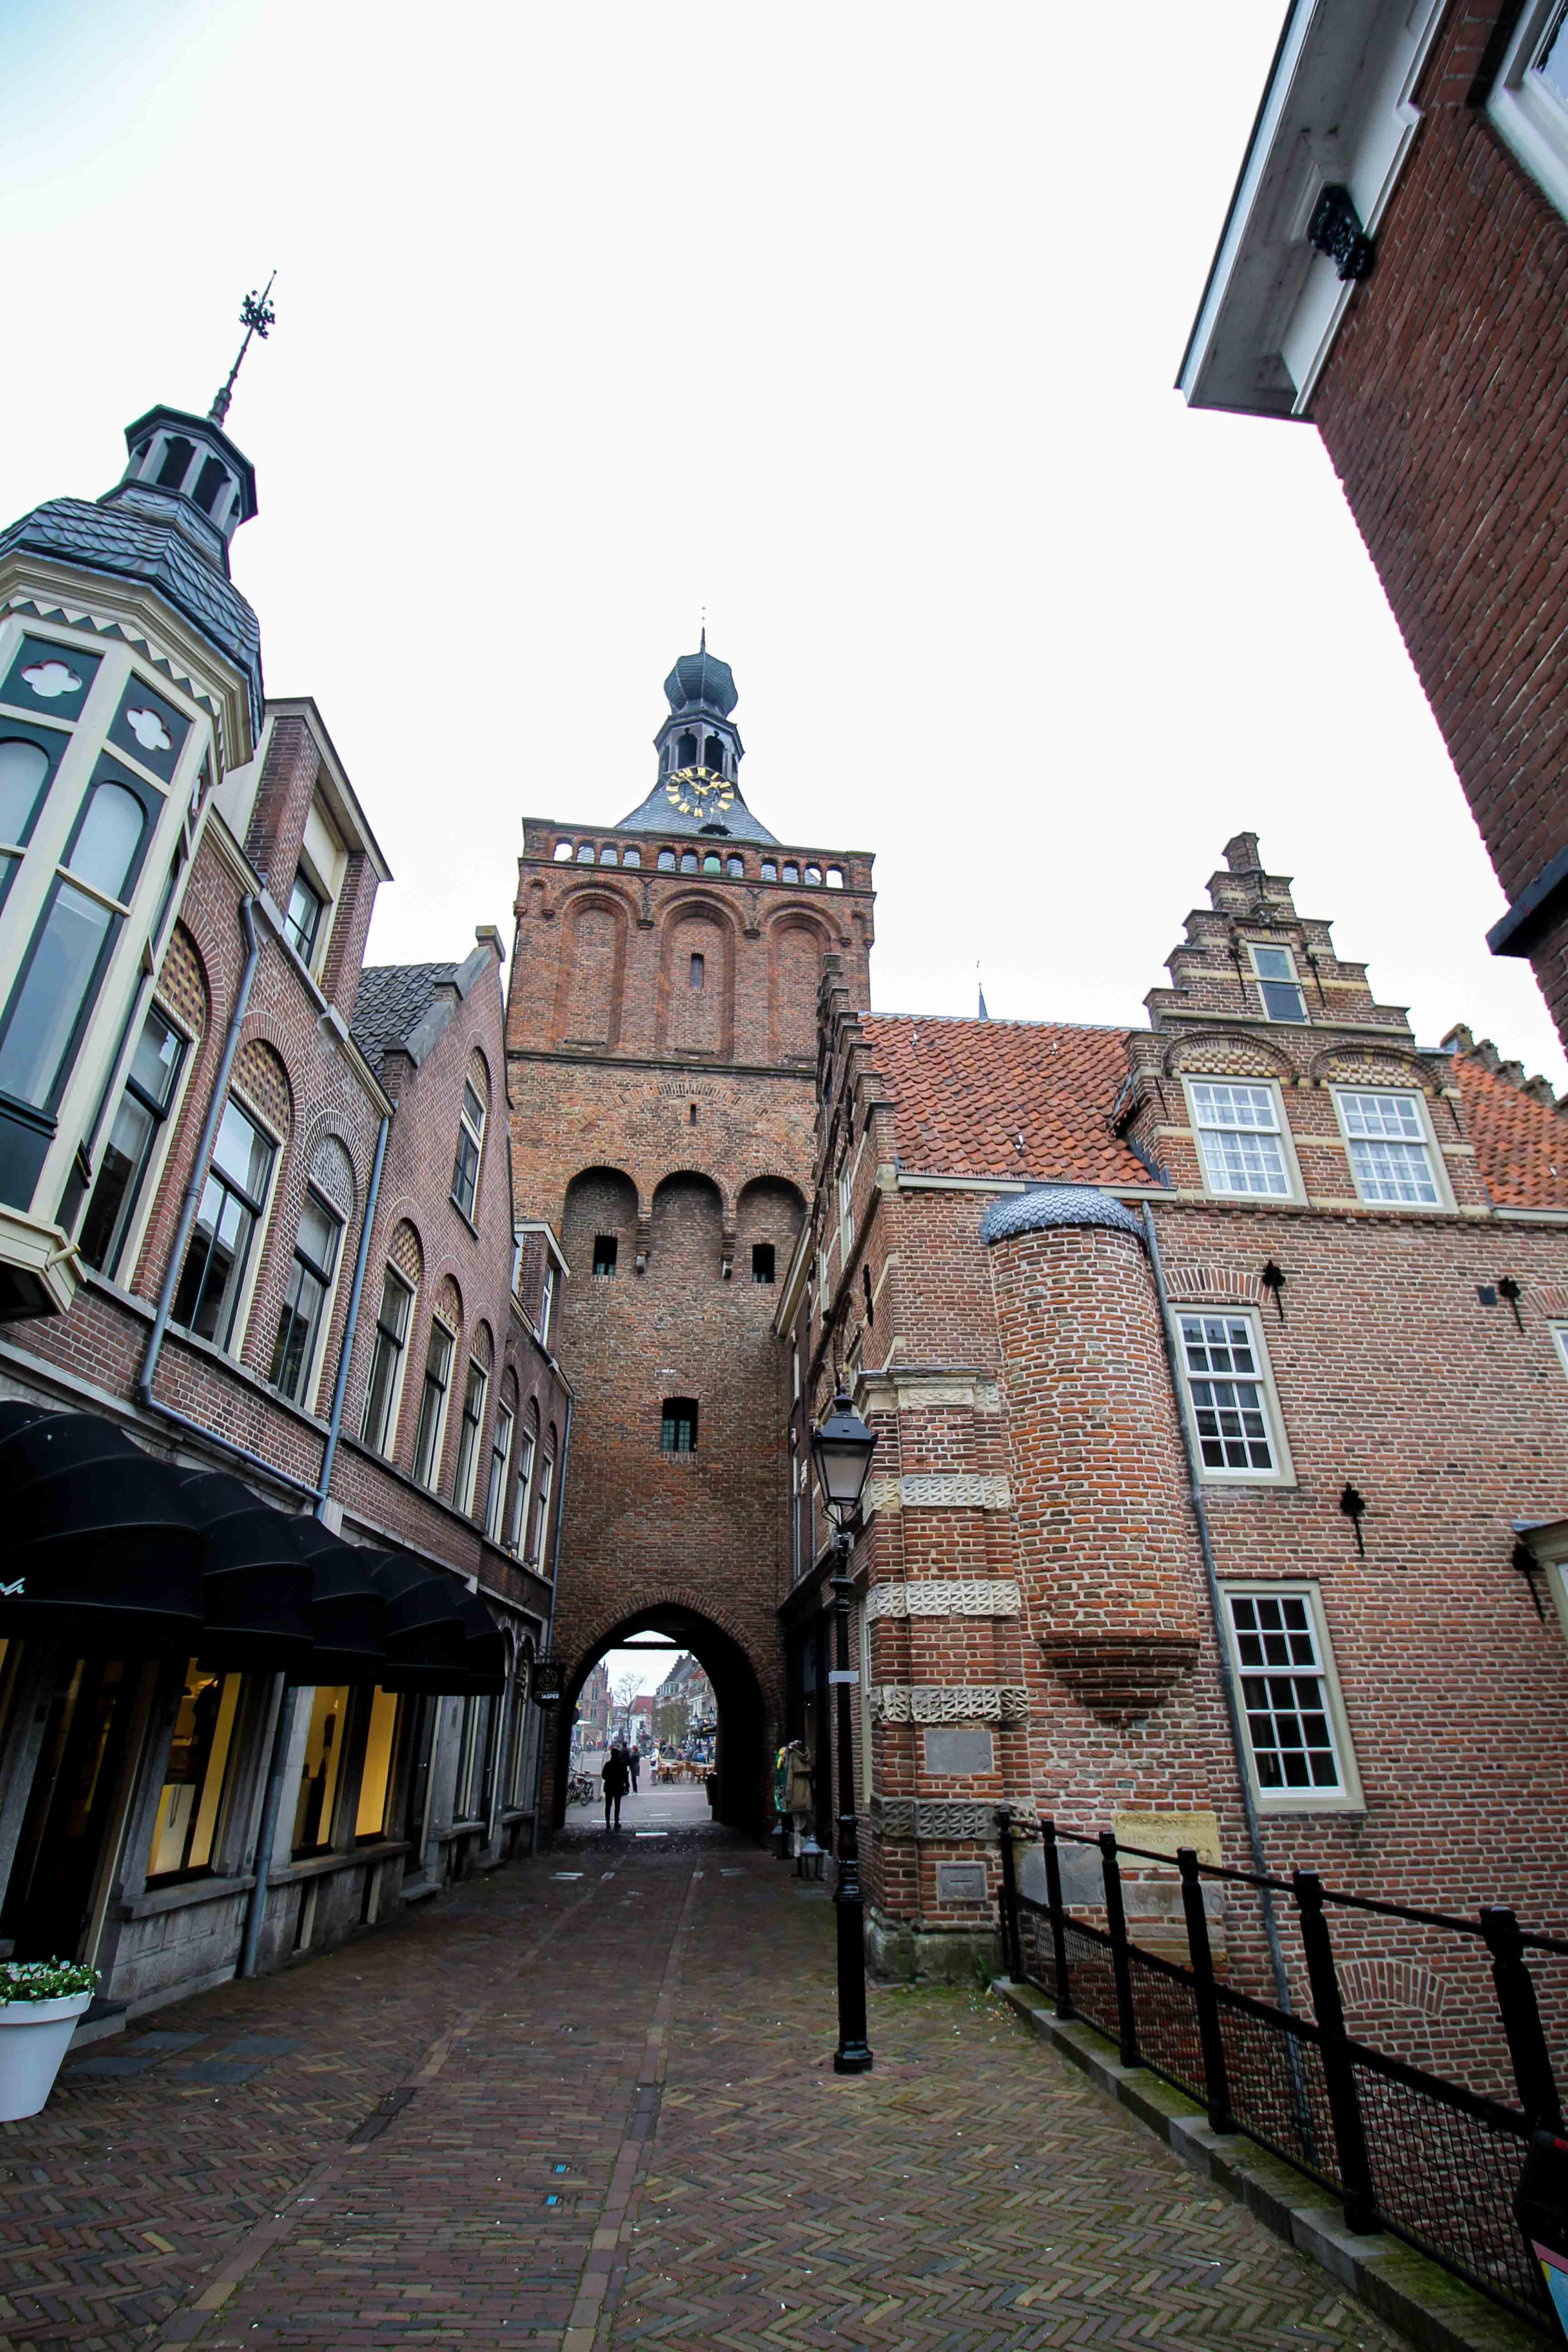 Wochenendtrip Holland Culemborg Innenstadt Altstadt das andere Holland Reiseblog Ausflug von Deutschland 2